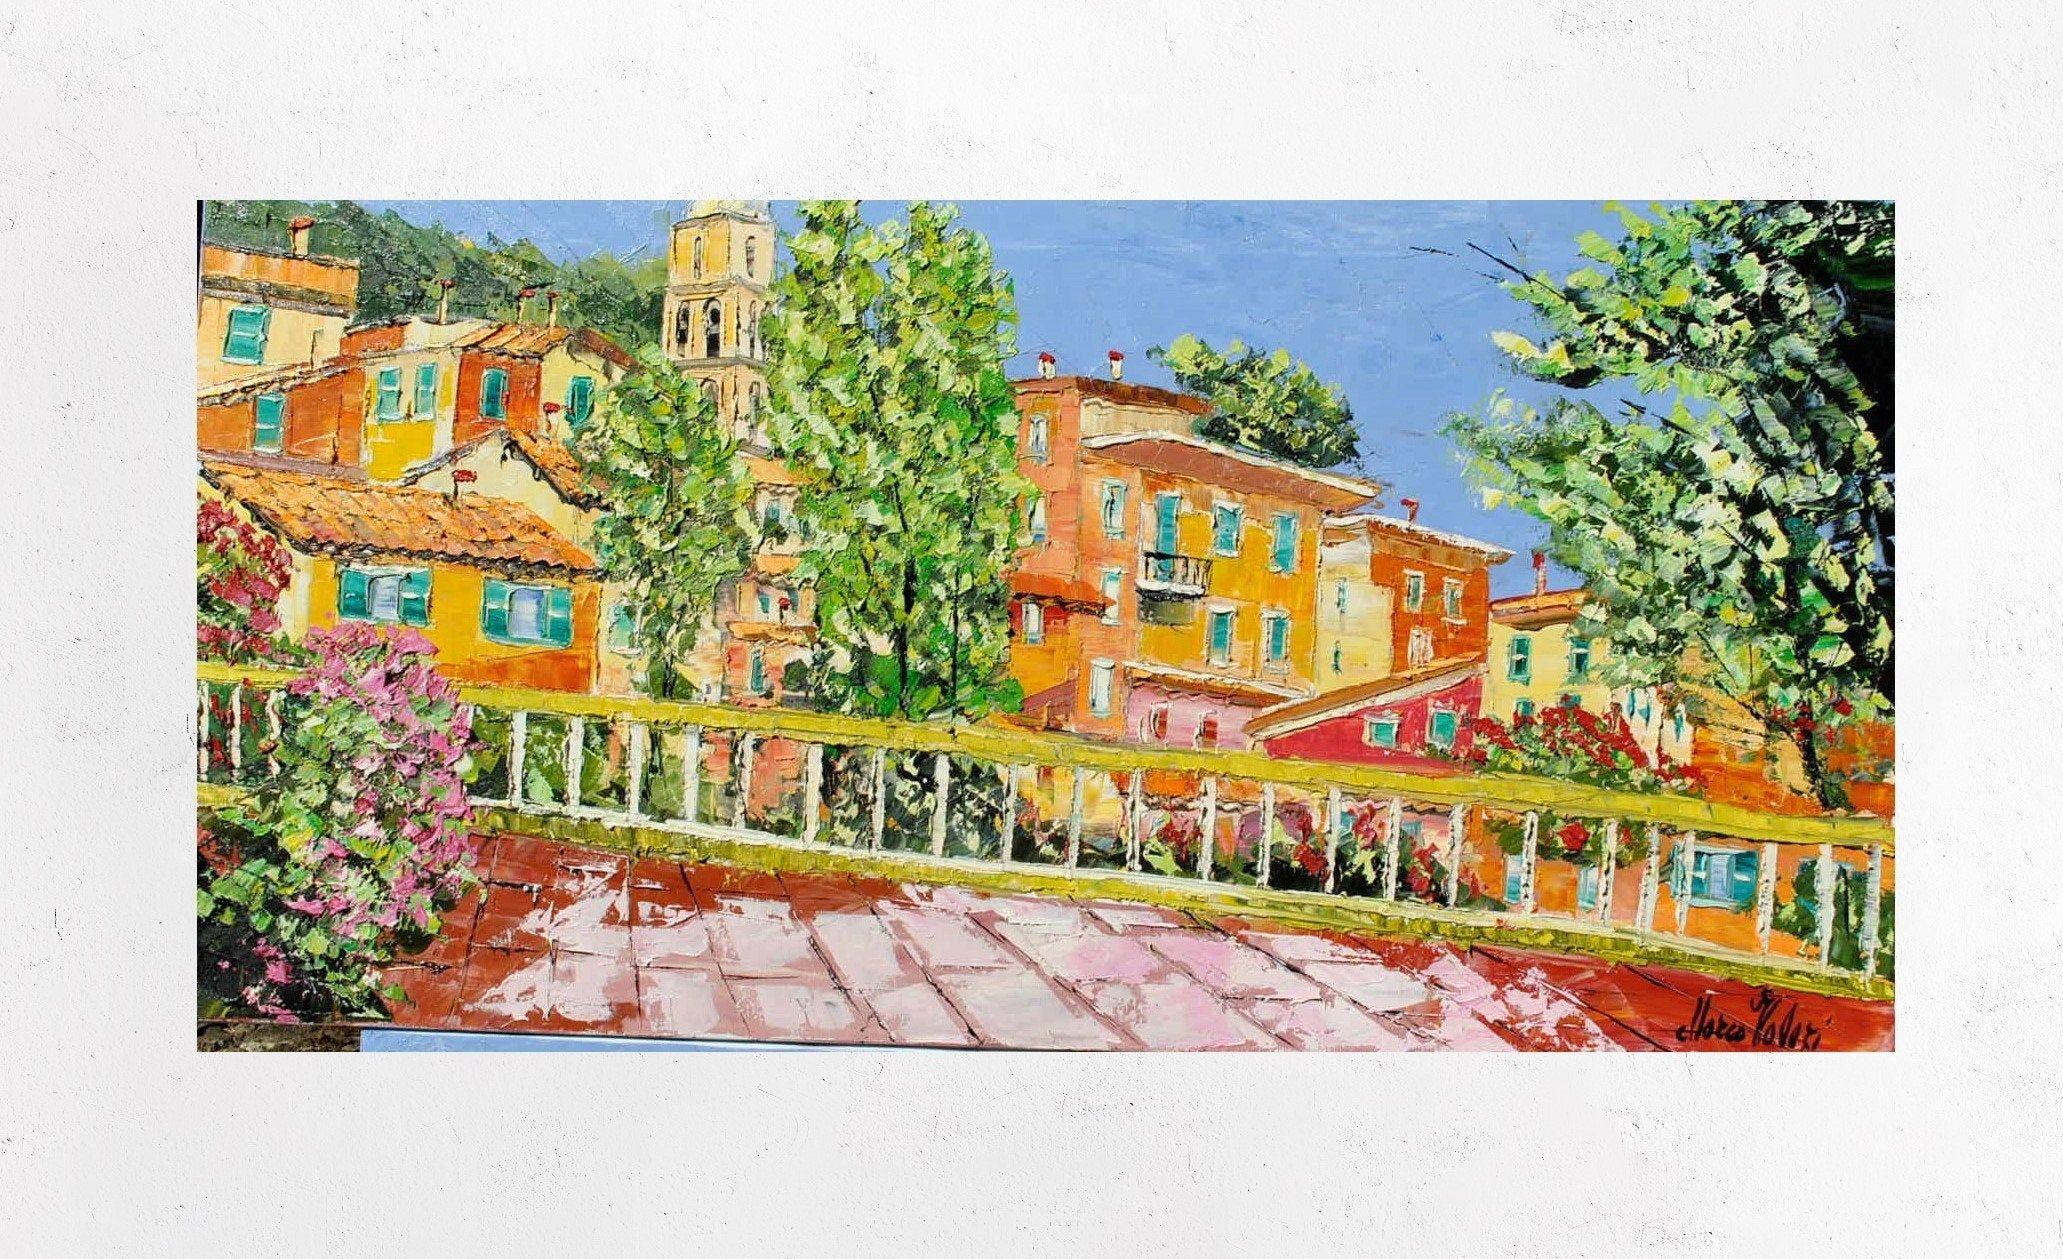 Pittura Portofino su tela arredamento wall art idea regalo ...